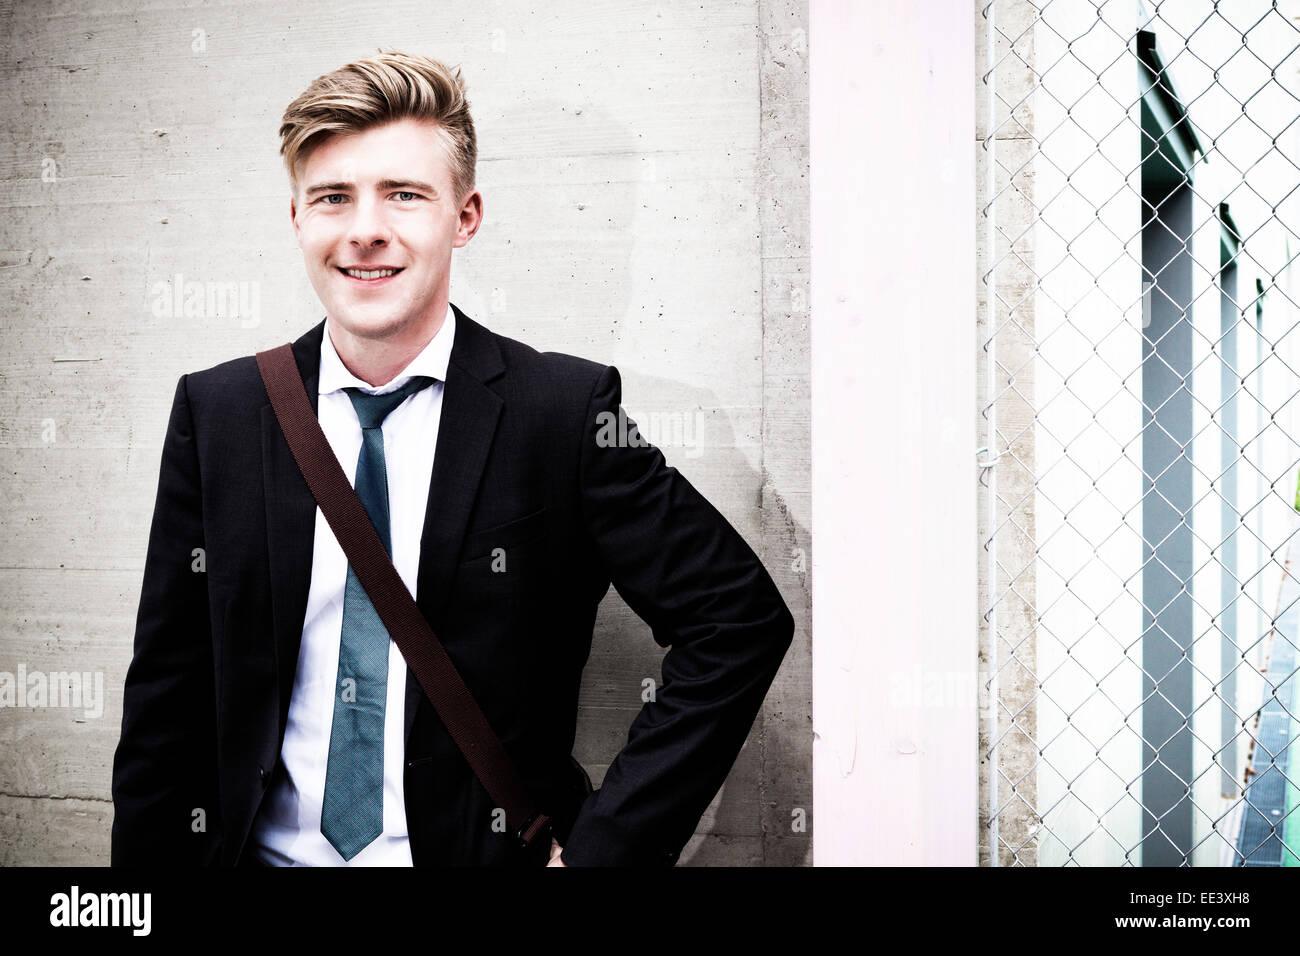 Retrato de joven empresario, Munich, Baviera, Alemania Imagen De Stock